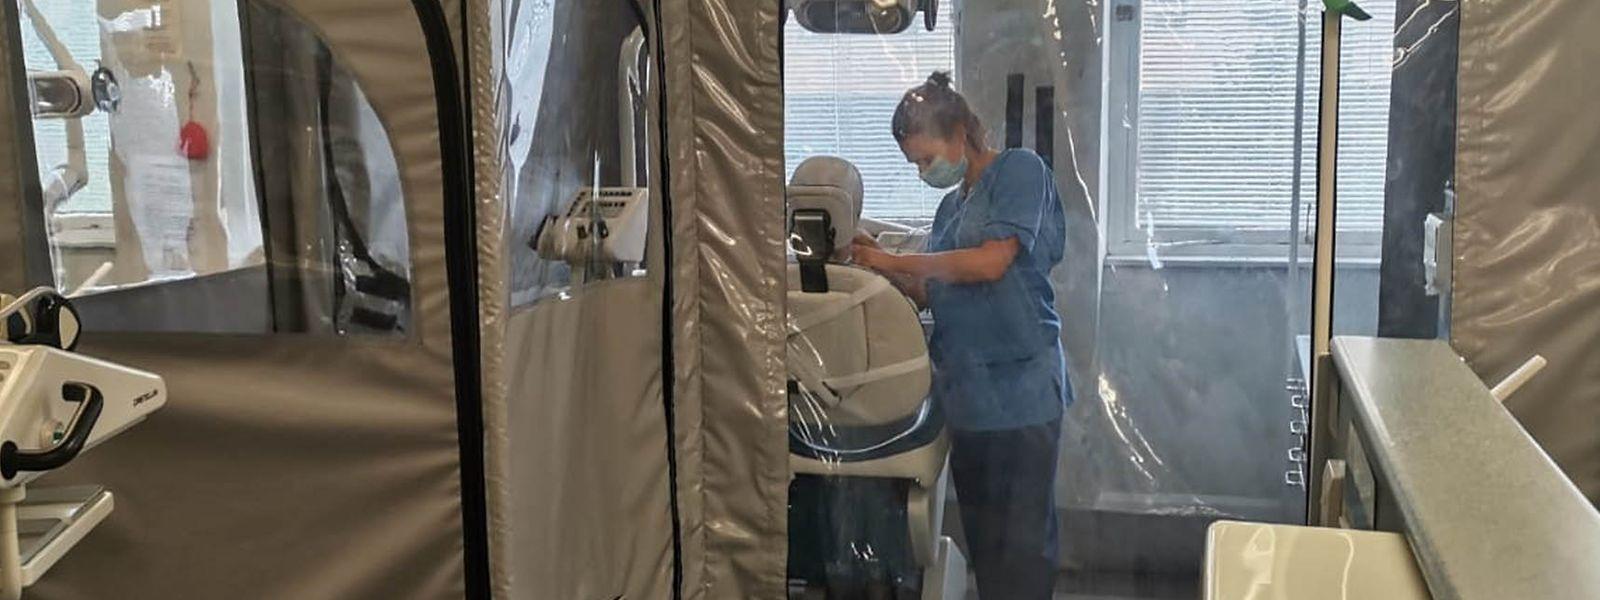 Actuellement, 520 patients covid sont pris en charge dans les hôpitaux de la région Grand Est (contre 136 au Luxembourg).